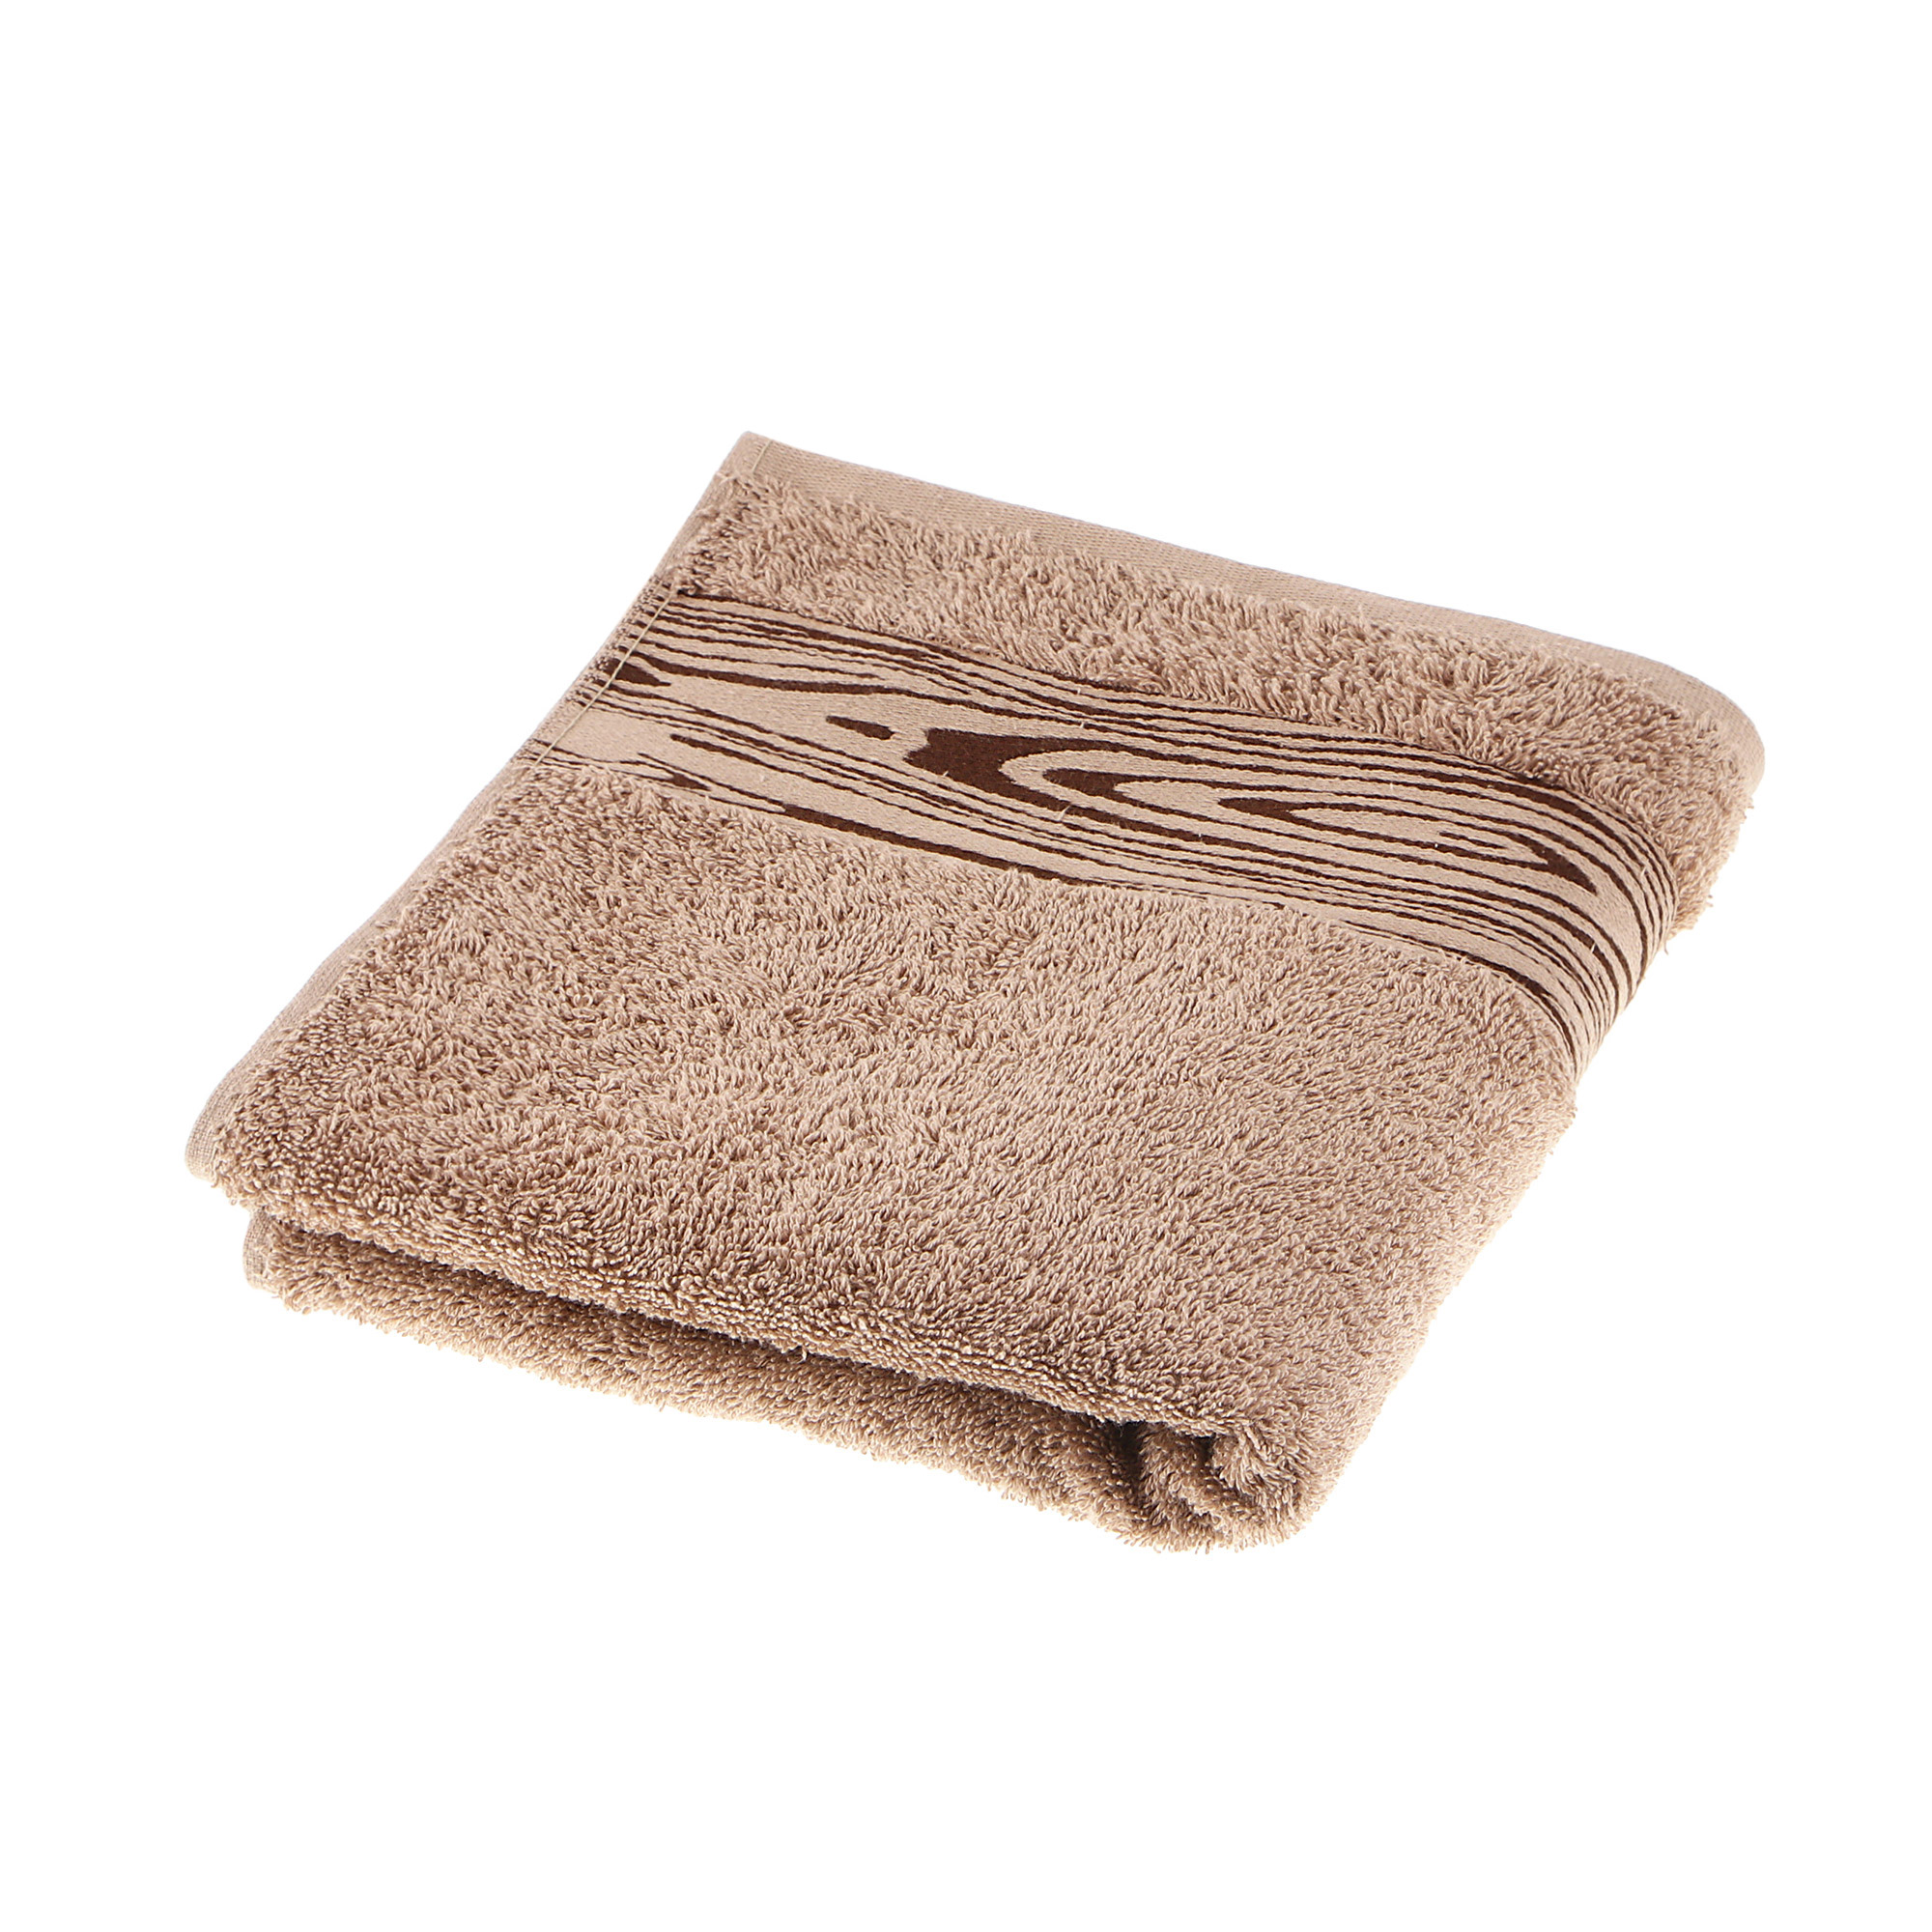 Полотенце махровое Asil wood 50x100 beige.